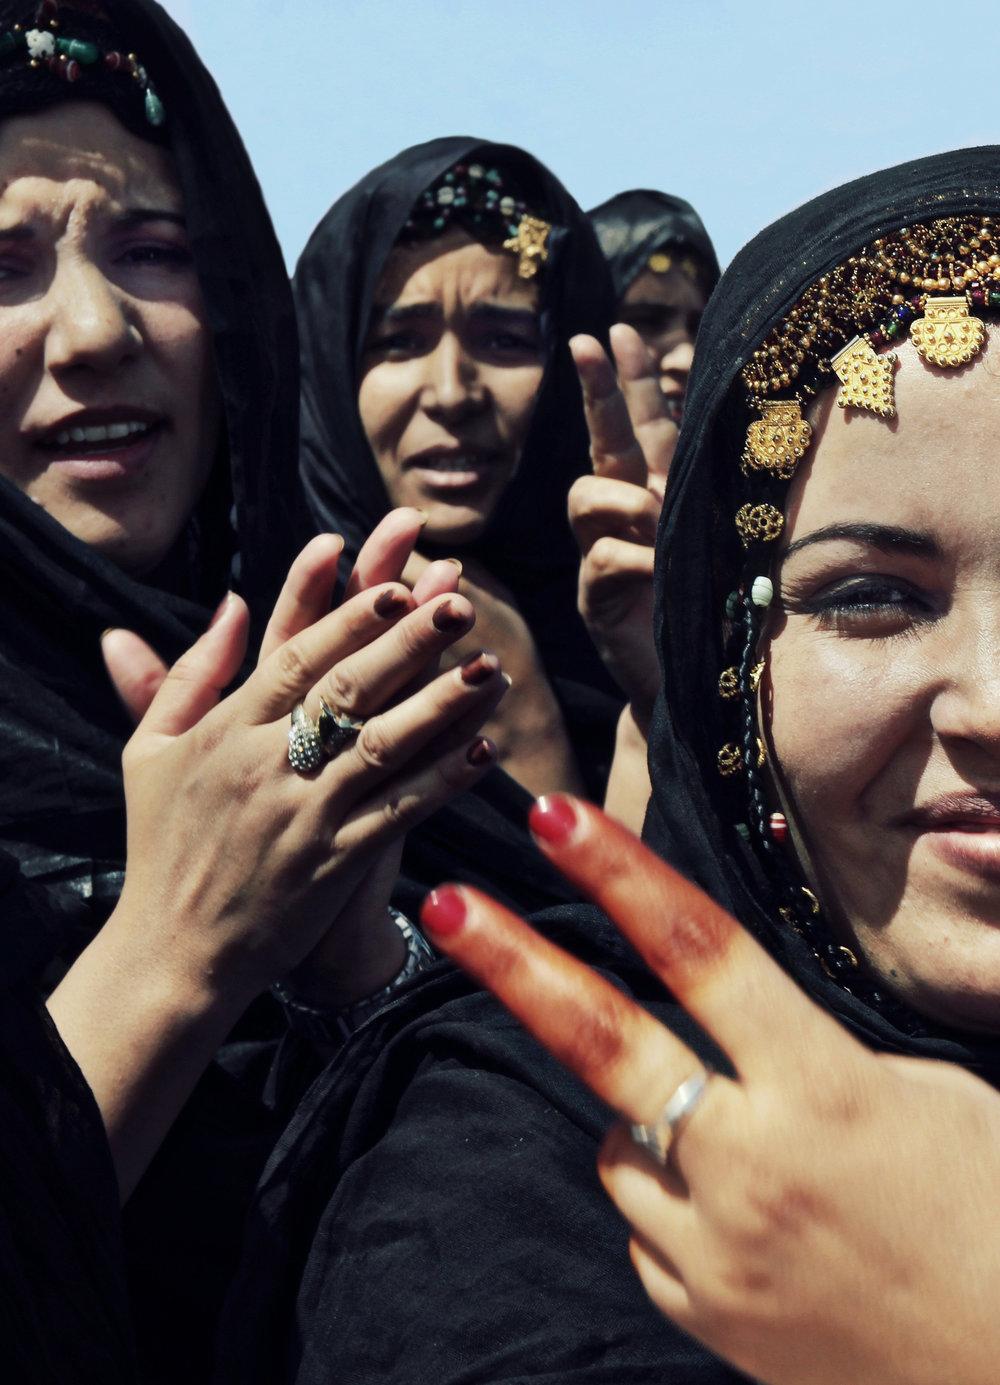 Kvinnene har dyrket likestilling i flyktningleirene siden de tok ansvar i oppbyggingen og organiseringen av leirene i 1975. Foto: Mali Galaaen Røsseth